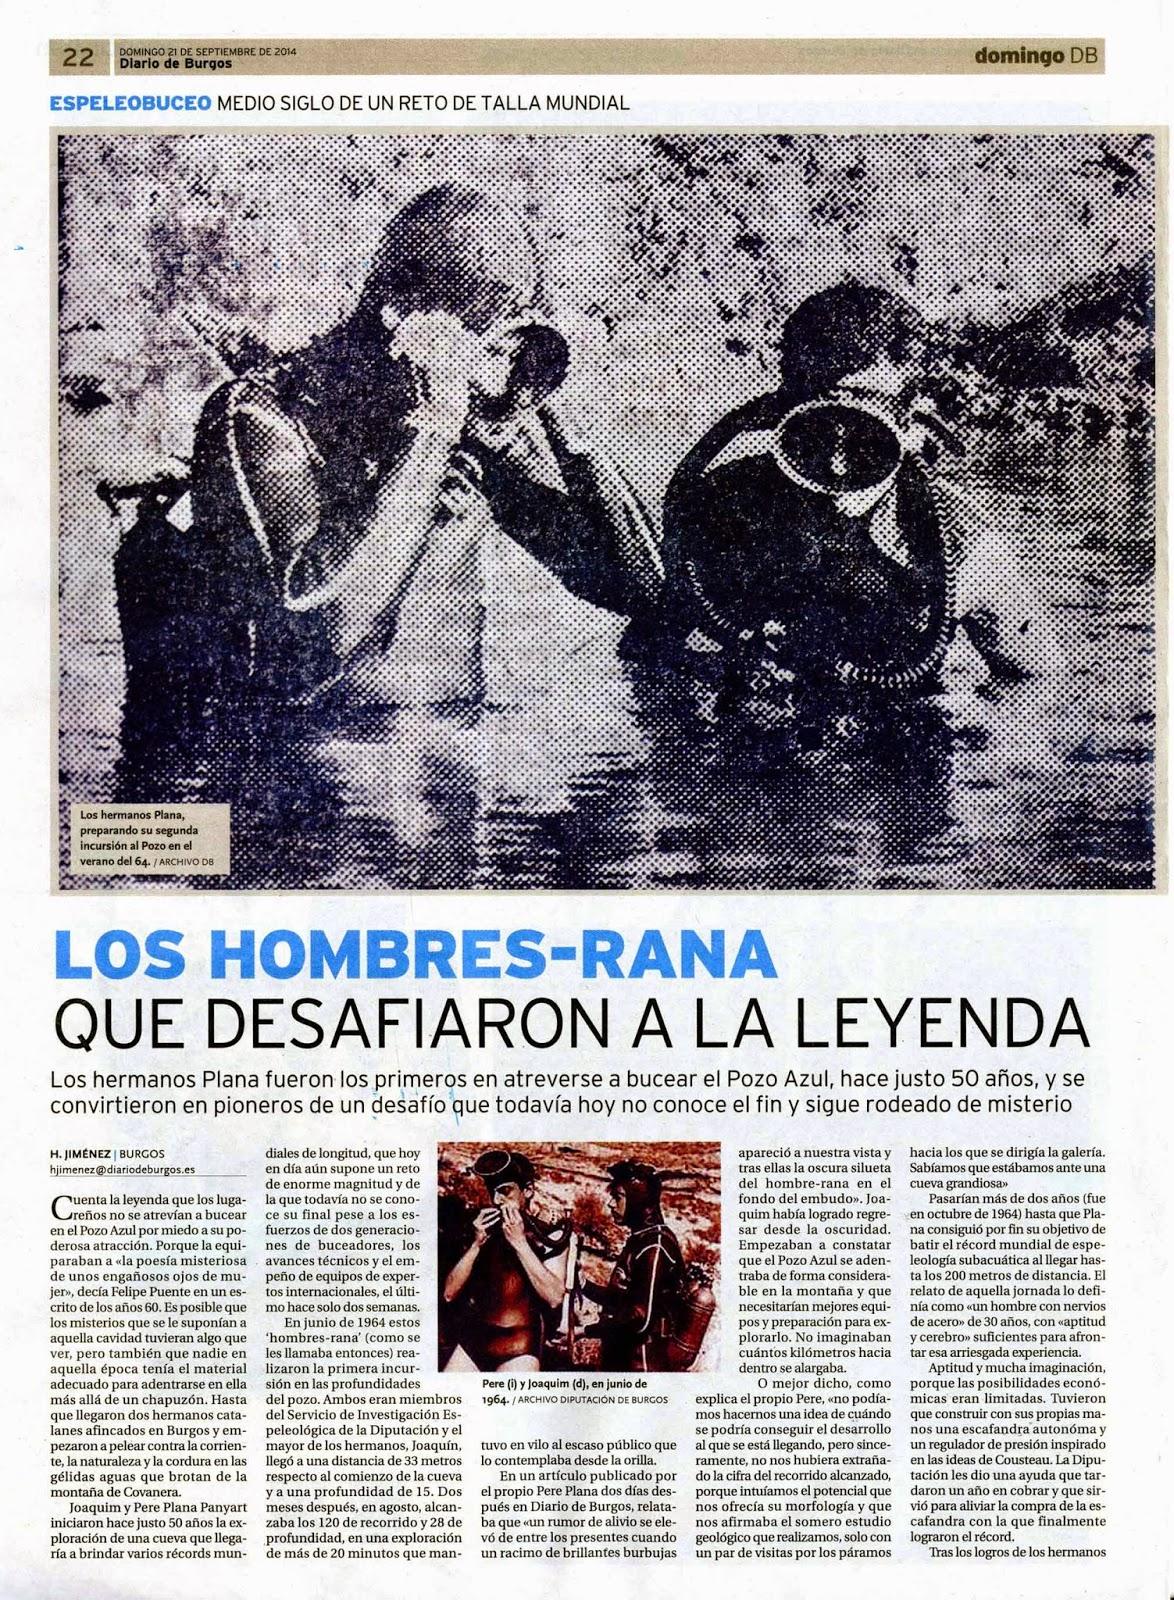 http://bibliop3.blogspot.com.es/